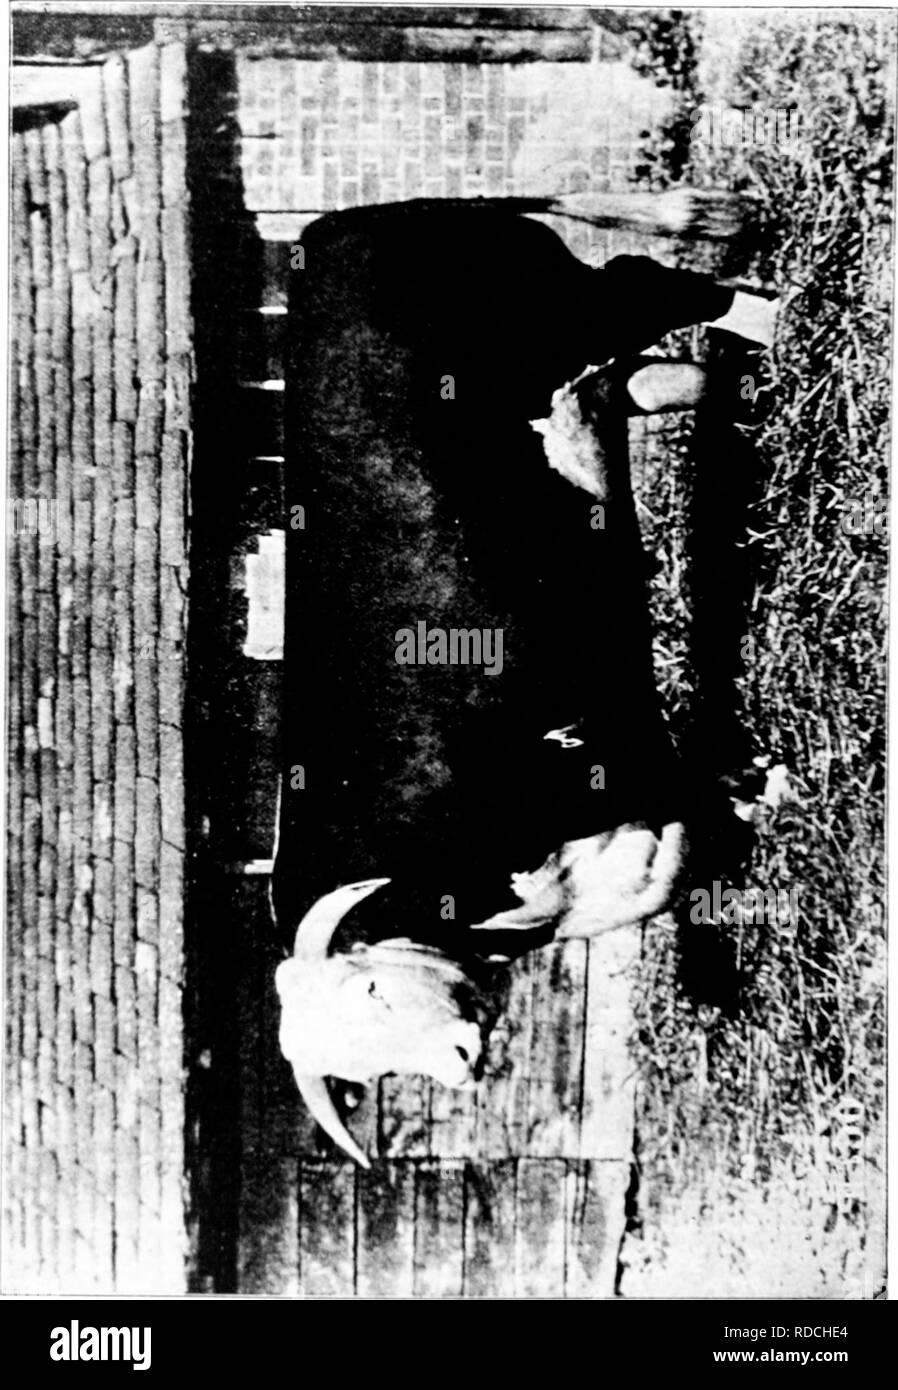 . La storia di Hereford bovini : dimostrato in maniera definitiva la più antica delle razze migliorate . Hereford bestiame. . Si prega di notare che queste immagini vengono estratte dalla pagina sottoposta a scansione di immagini che possono essere state migliorate digitalmente per la leggibilità - Colorazione e aspetto di queste illustrazioni potrebbero non perfettamente assomigliano al lavoro originale. Miller, T. L. (Timothy Lathrop), 1817-1900; Bournemouth, Wm. H. (William H. ). Chillicothe, Mo. : T. F. B. Bournemouth Foto Stock